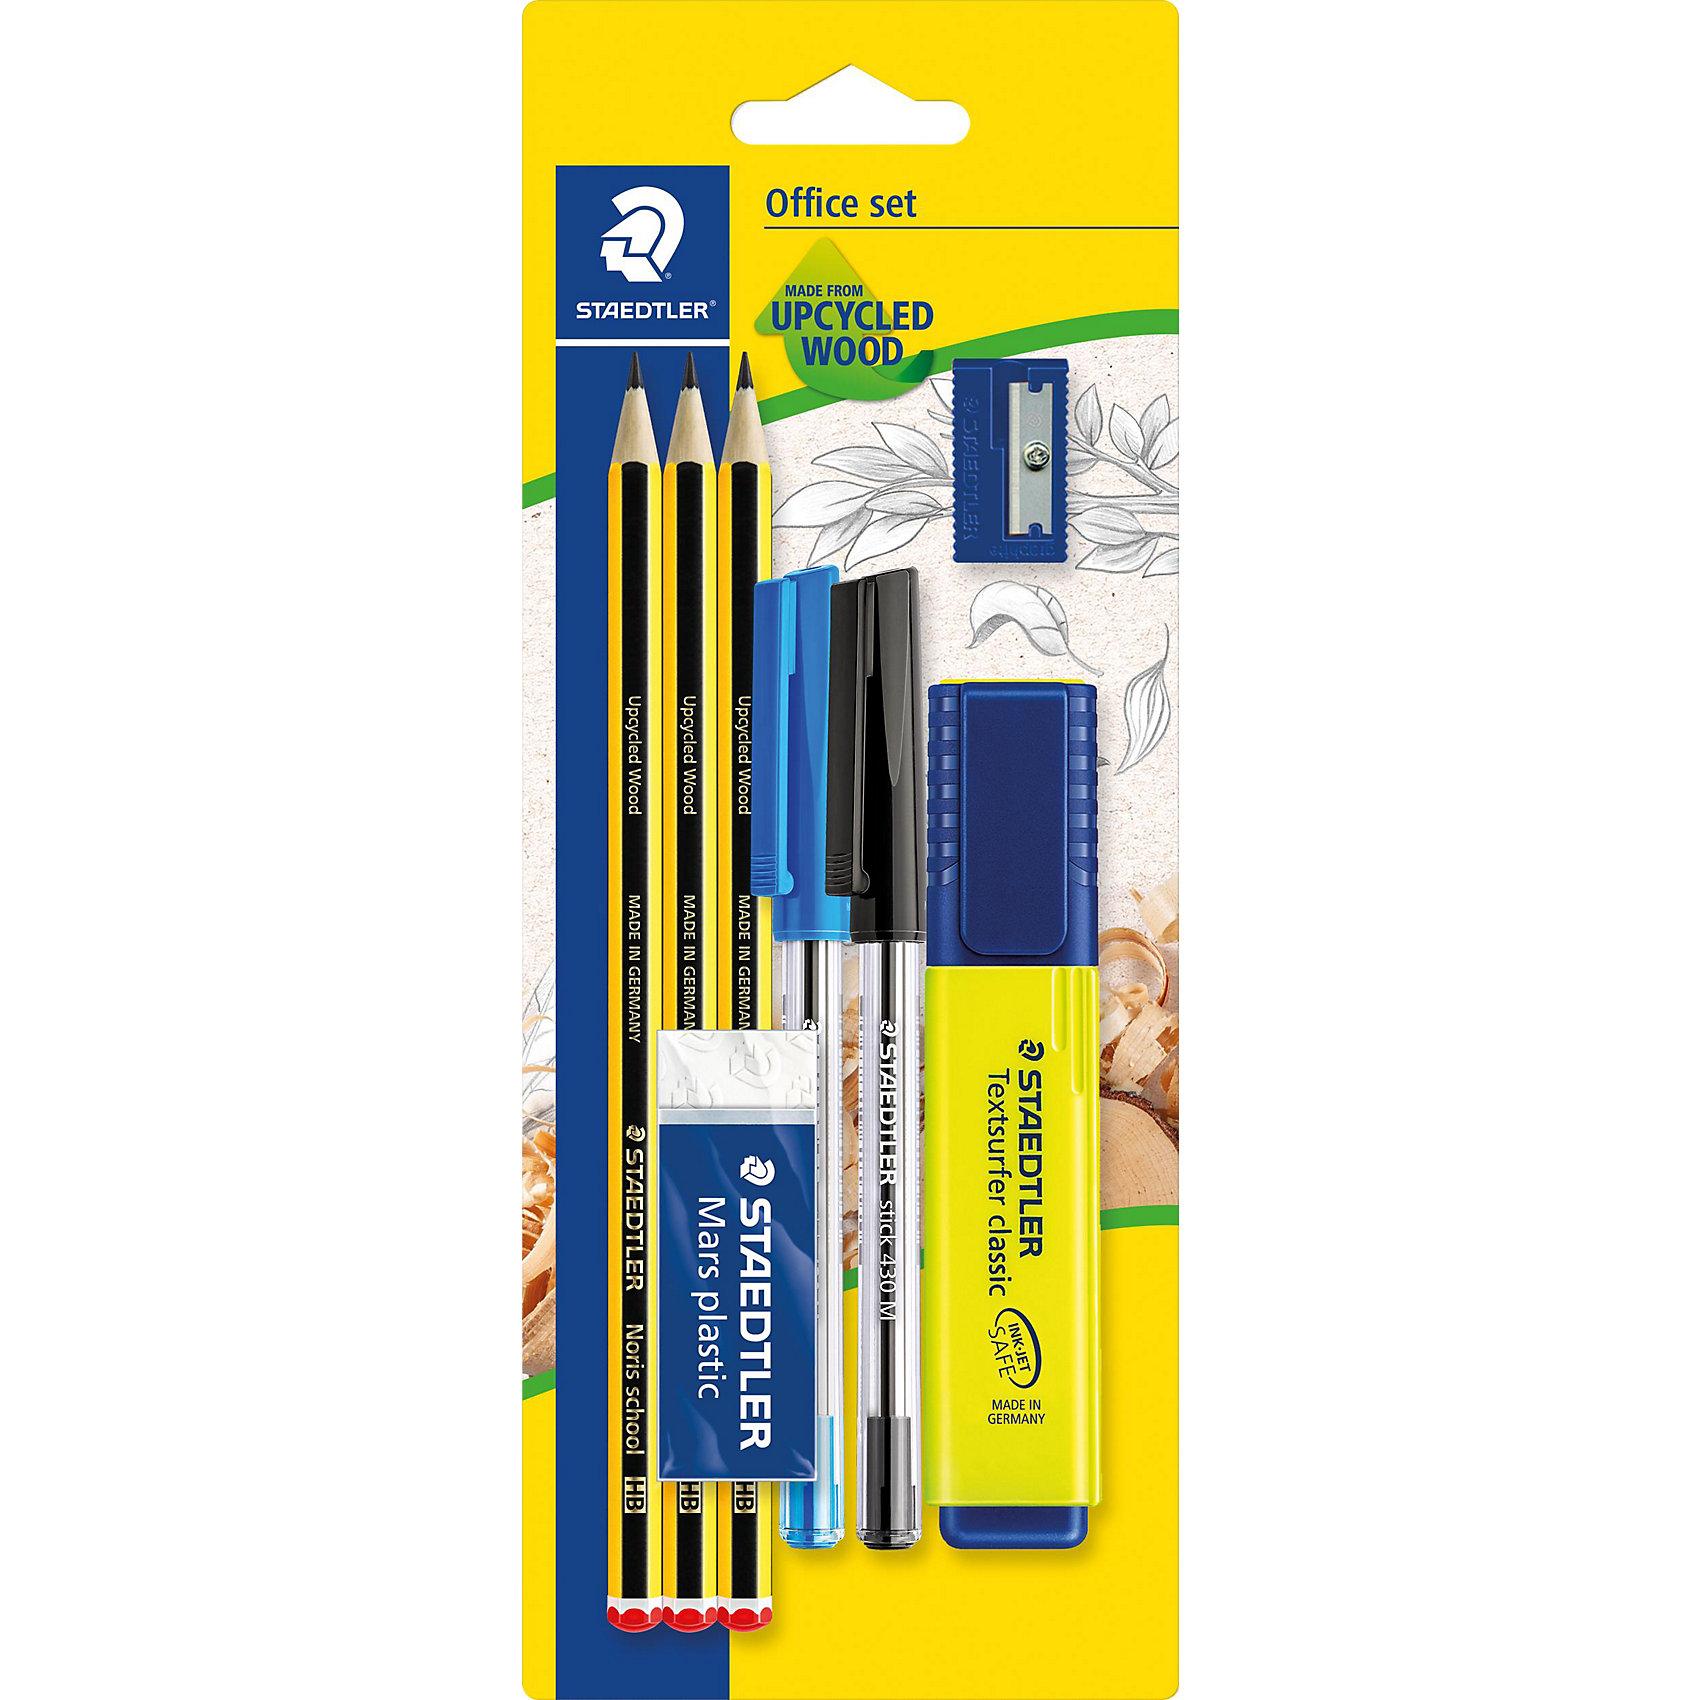 Набор из 8 предметов, StaedtlerШкольные аксессуары<br>Набор из 8 предметов, Staedtler (Штедлер).<br><br>Характеристики:<br><br>• Для детей в возрасте: от 7 лет<br>• В наборе: 2 шариковые ручки-автомат синего и черного цветов, 3 чернографитовых карандаша (HB), текстовыделитель желтого цвета, ластик, точилка<br>• Размер упаковки: 233х90х25 мм.<br>• Вес: 102 гр.<br><br>Набор содержит самые необходимые для учебы канцелярские принадлежности. Всего в наборе 8 предметов. Текстовыделитель с большим объемом чернил для экстра долгой работы не смазывает распечатки и написанный текст. Ластик Mars plastic, изготовленный из термопластического синтетического гипоаллергенного каучука, прекрасно удаляет графит с бумаги и чертежной кальки, не оставляет крошек. Пластиковая точилка с металлическим лезвием обеспечит лёгкое равномерное затачивание карандашей (угол заточки 23°). Три высококачественных шестигранных заточенных карандаша, твердость HB, имеют особо прочный грифель, устойчивы к поломке. Корпус карандашей изготовлен из инновационного, однородного материала Wopex (70% древесины + пластиковый композит), что обеспечивает исключительно гладкую и ровную заточку. Также в наборе имеются 2 шариковые ручки-автомат  синего и черного цветов. Производитель Stadtler (Германия).<br><br>Набор из 8 предметов, Staedtler (Штедлер) можно купить в нашем интернет-магазине.<br><br>Ширина мм: 235<br>Глубина мм: 91<br>Высота мм: 250<br>Вес г: 100<br>Возраст от месяцев: 84<br>Возраст до месяцев: 2147483647<br>Пол: Унисекс<br>Возраст: Детский<br>SKU: 5529995